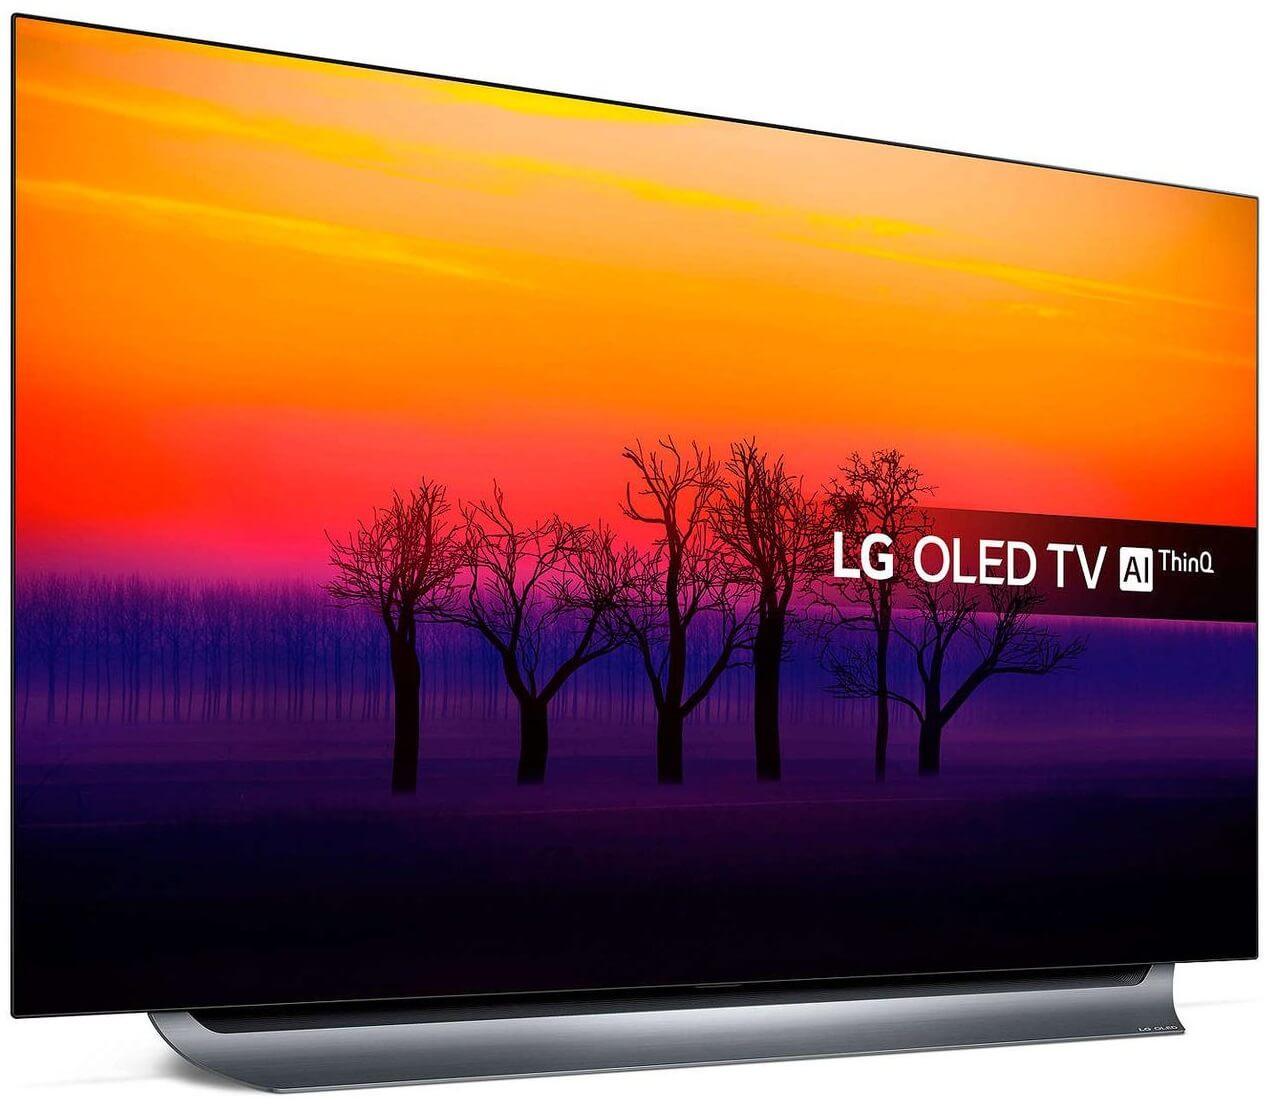 1122560537 w0 h0 lg oled55c8pla 9 - Review: LG OLED C8, uma das melhores Smart TVs disponíveis no Brasil